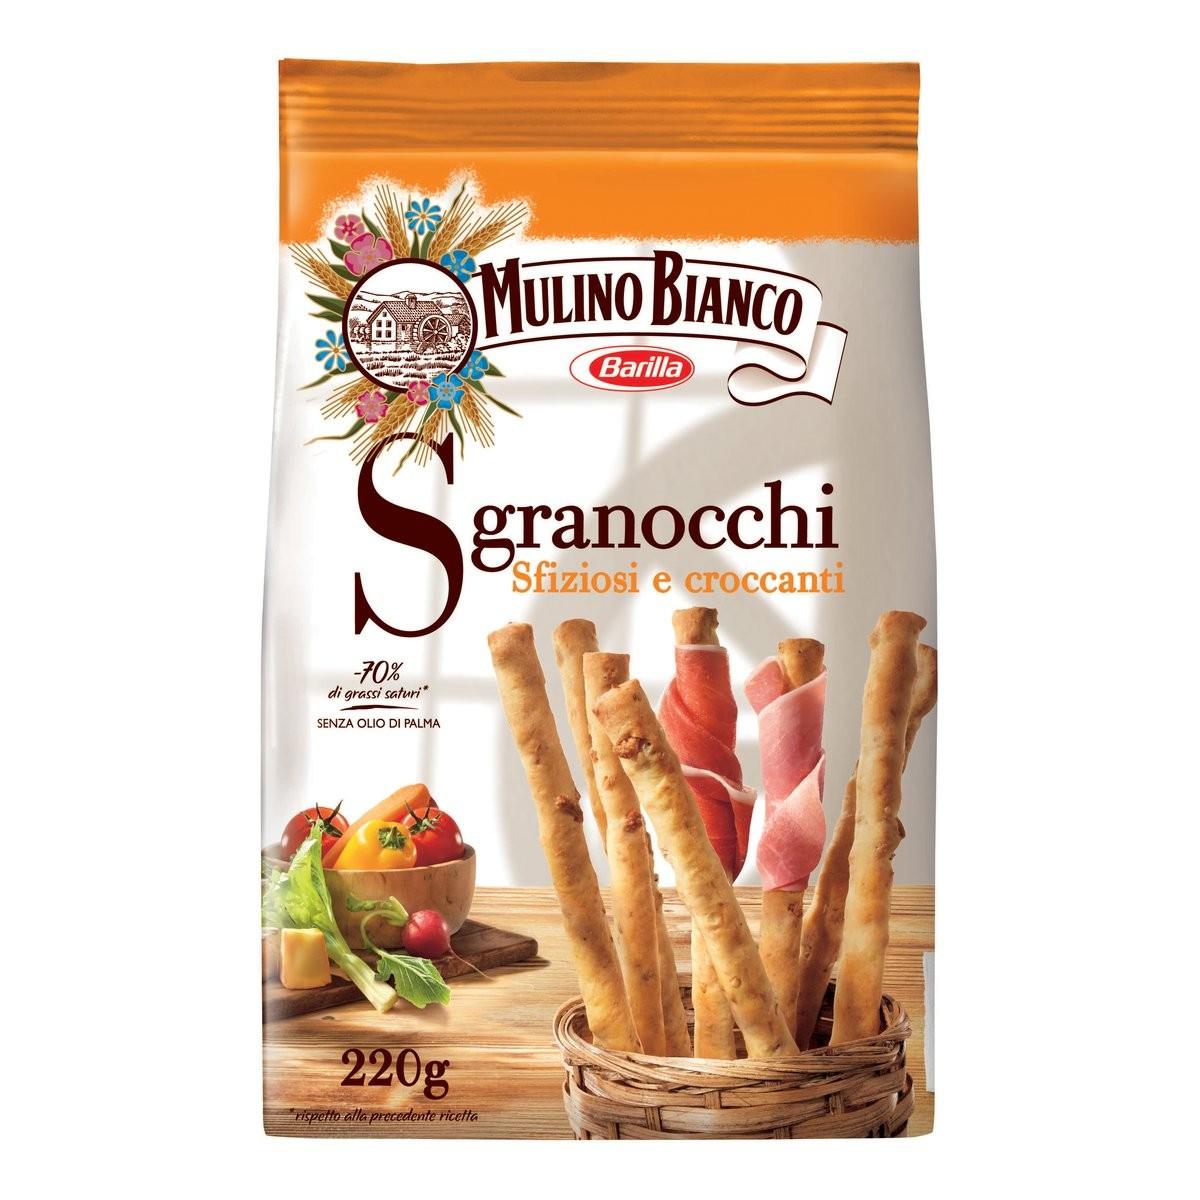 Grissini Sgranocchi